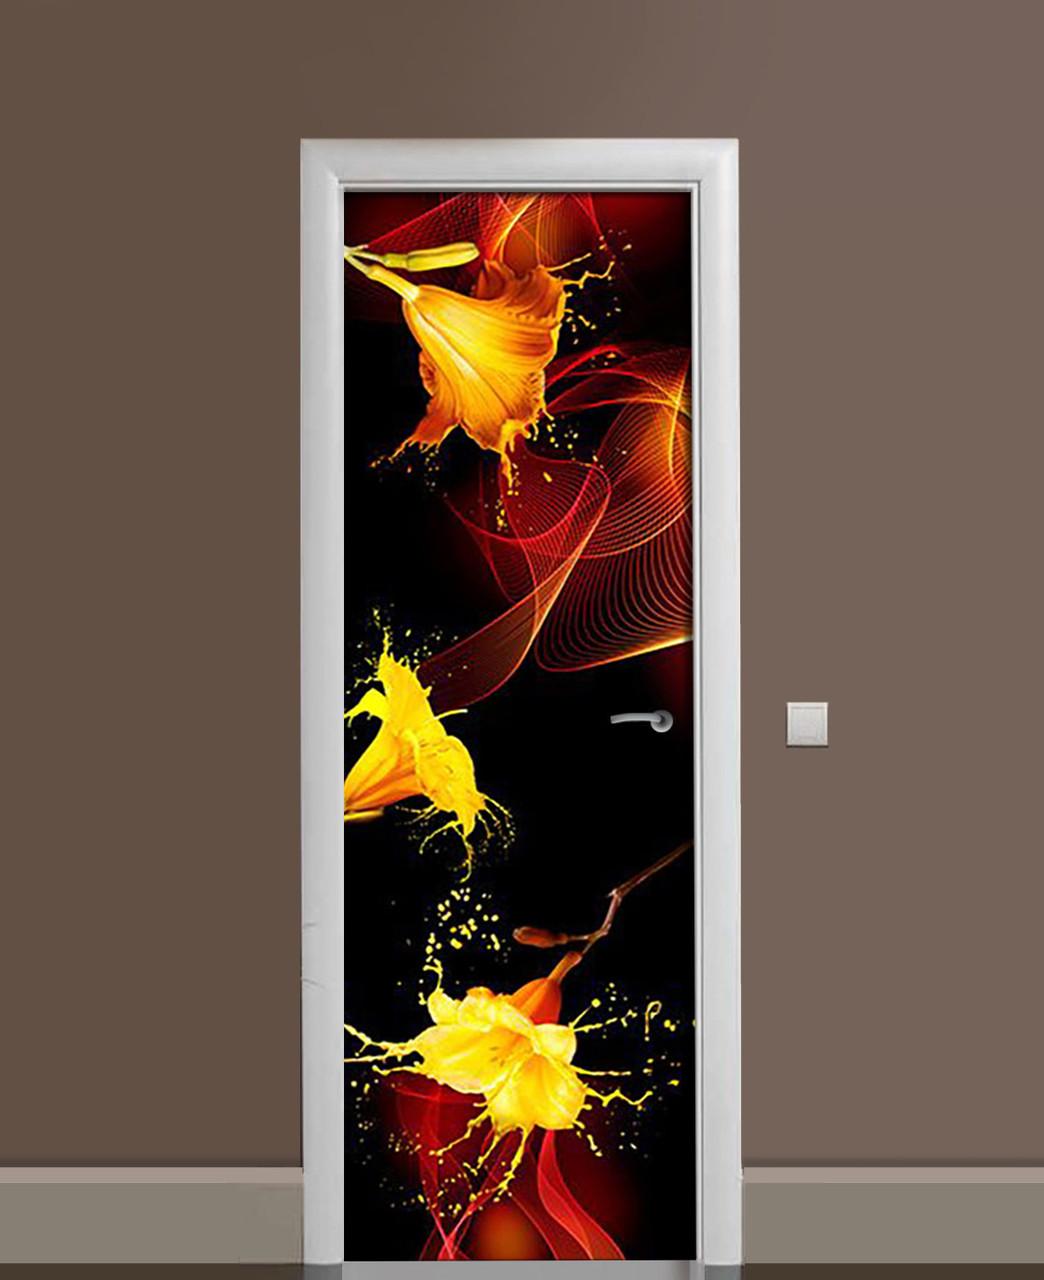 Декор двери Наклейка виниловая Желтые Лилии Брызги ПВХ пленка с ламинацией 65*200см Абстракция Коричневый